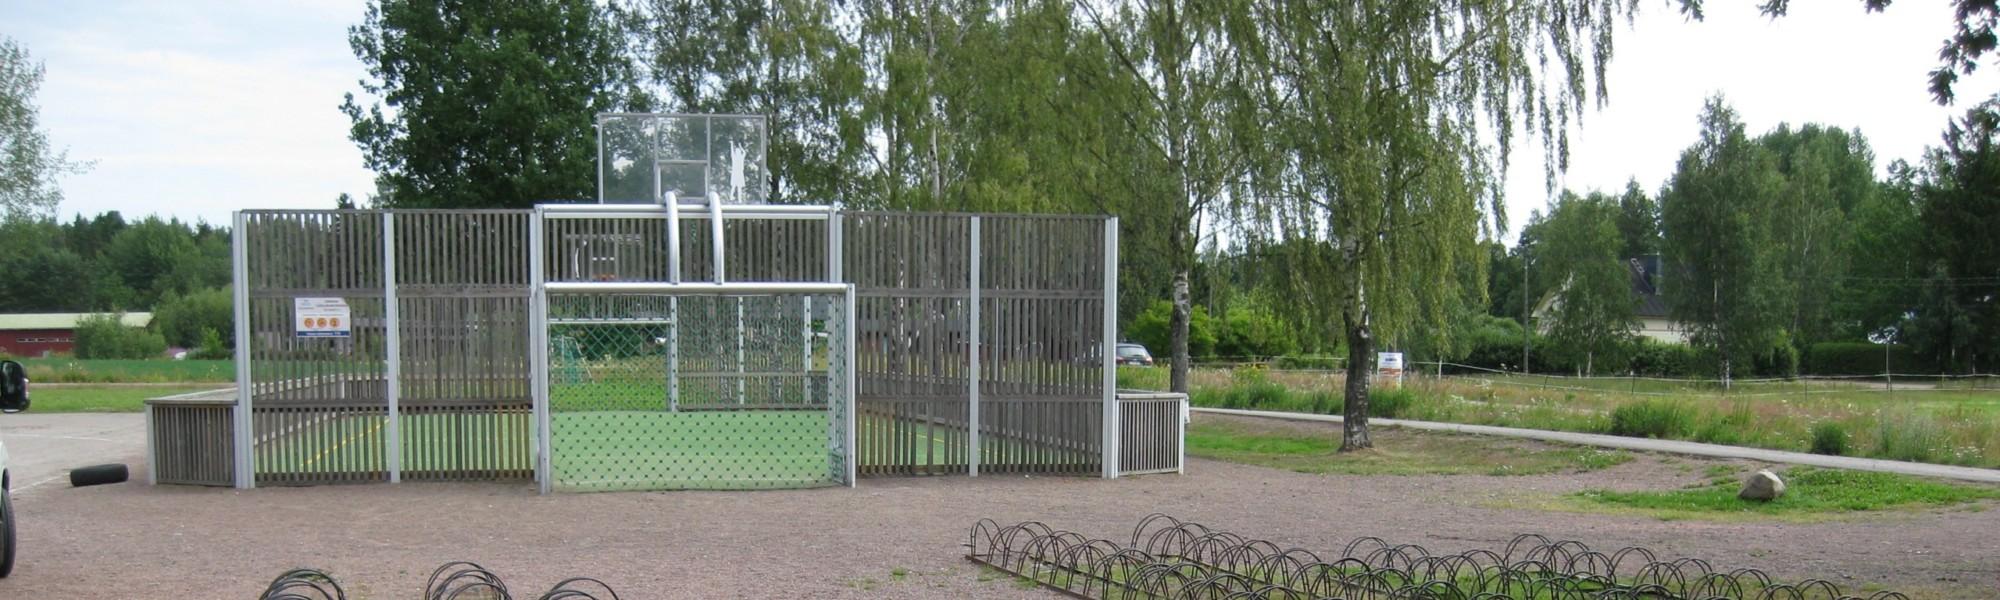 Kuvassa on Pihkoon koulun lähiliikuntapaikka